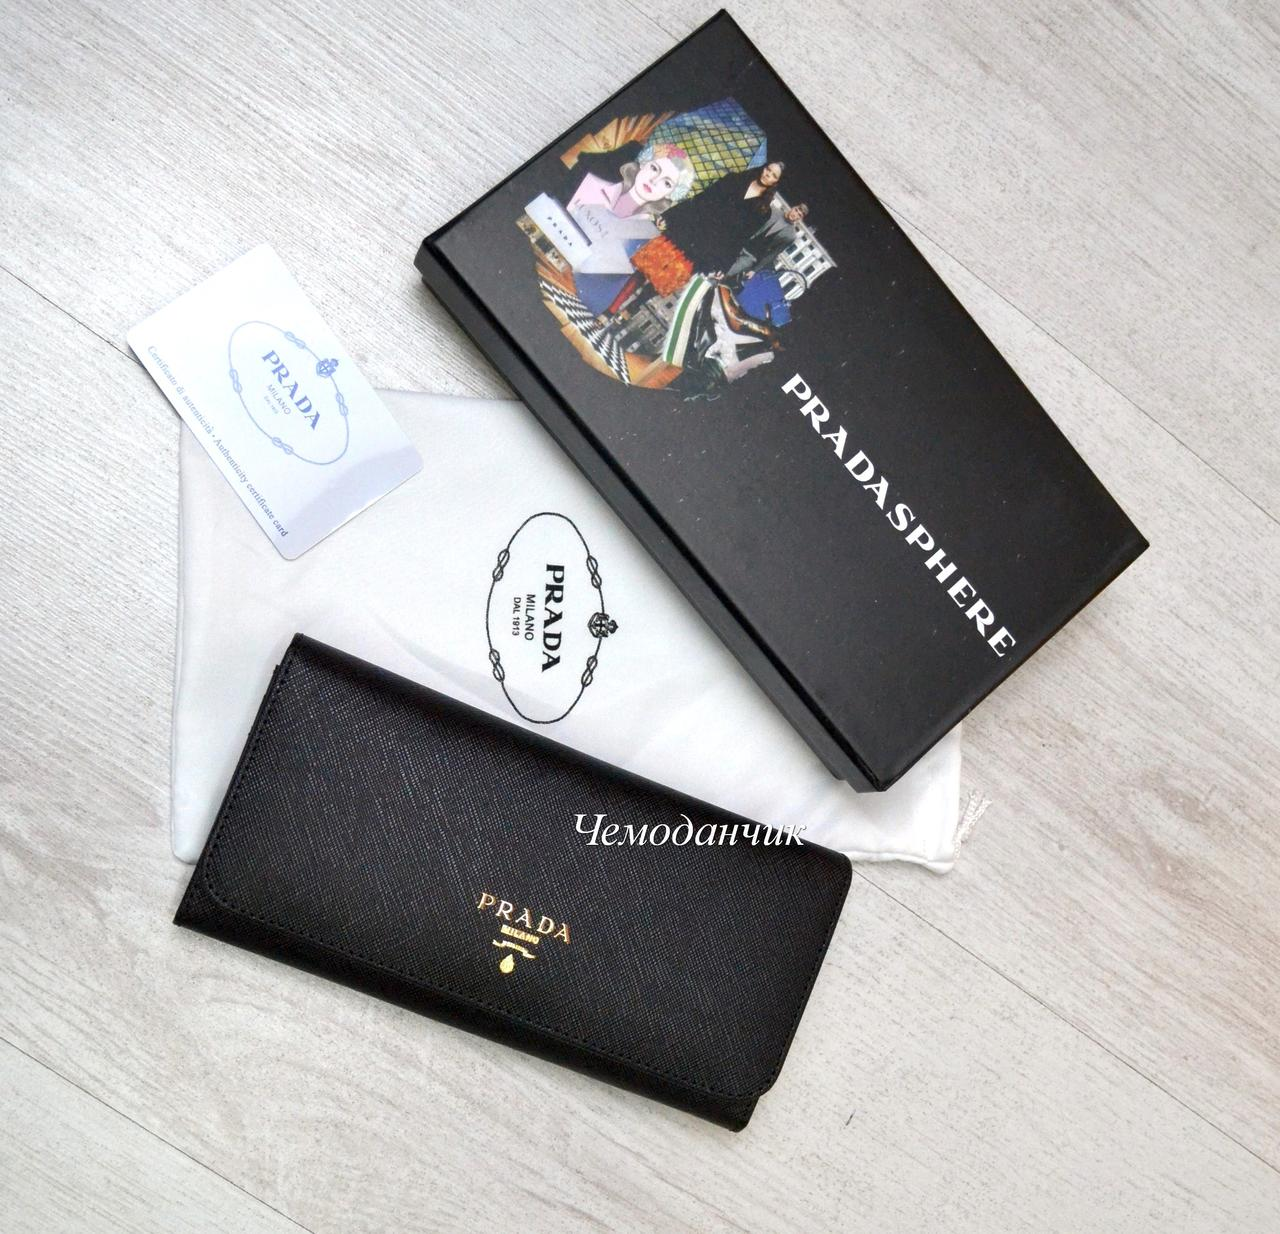 Кожаный кошелек Prada Прада черный на кнопках, кошельки кожаные женские, брендовые кошельки в расцветках